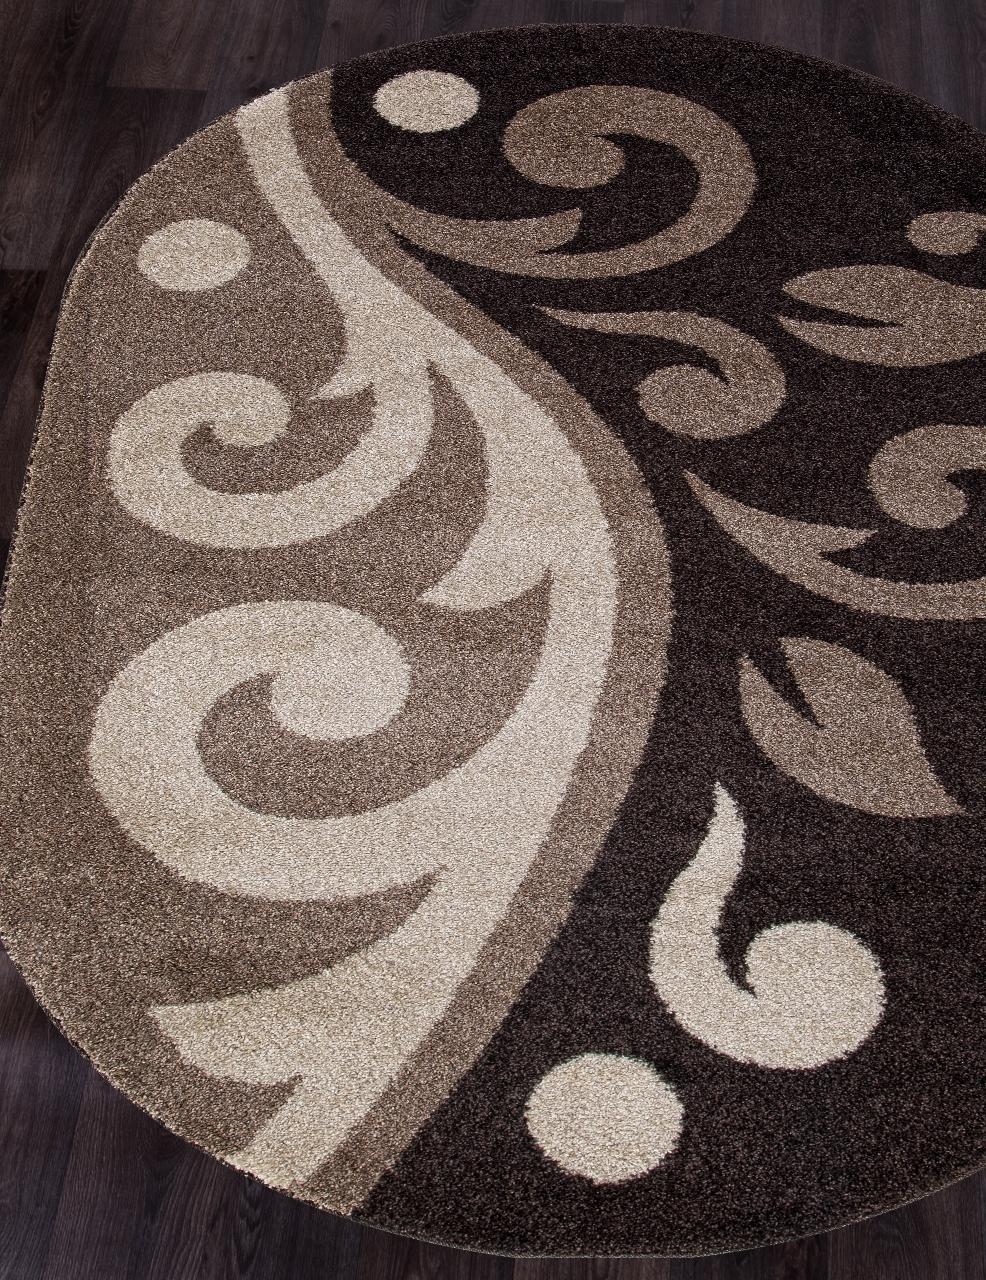 Ковер t621 - D.BEIGE-BROWN - Овал - коллекция PLATINUM